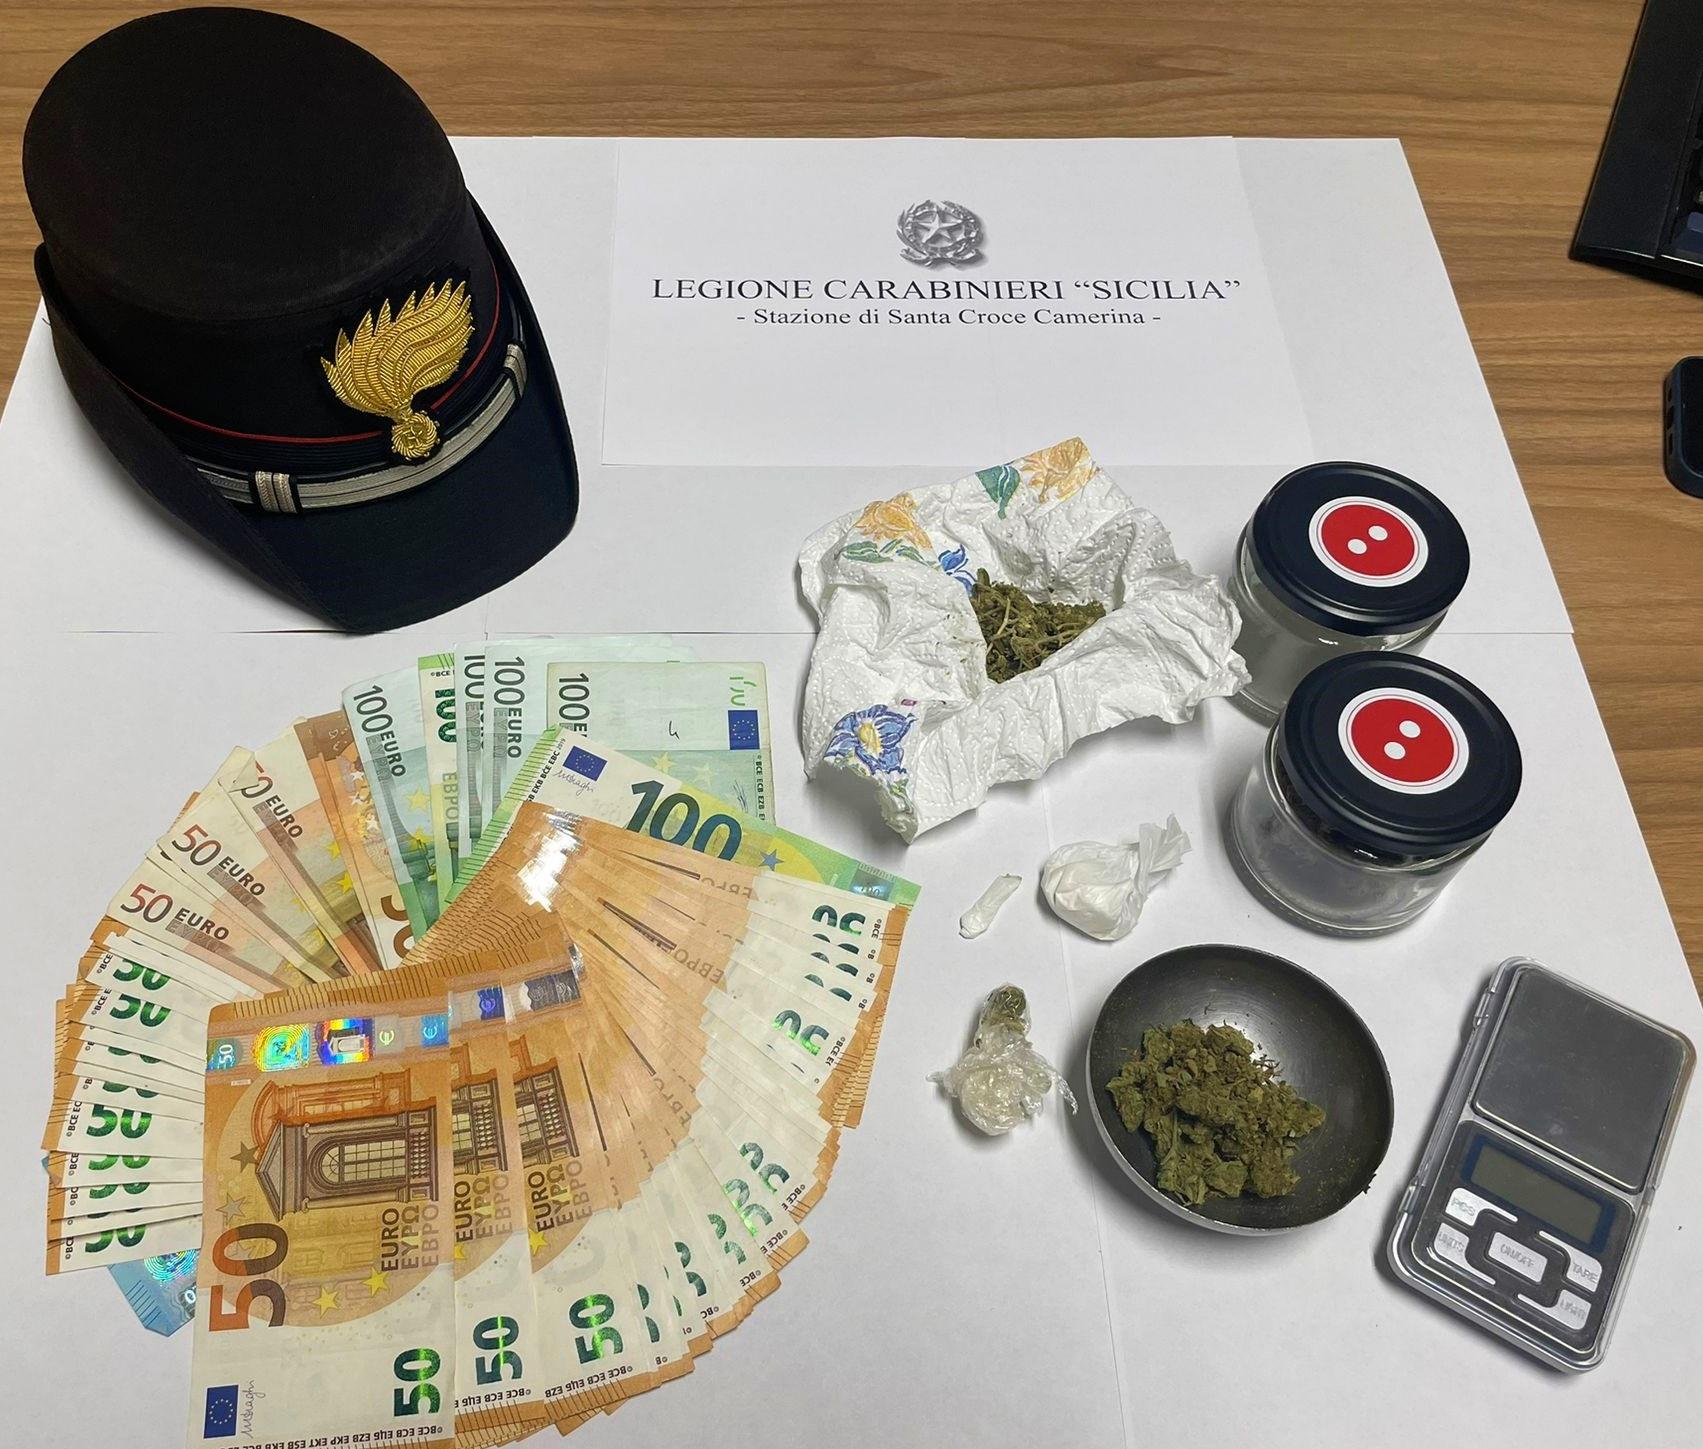 Spaccio di droga sul litorale di S.Croce, arrestato giovane pusher